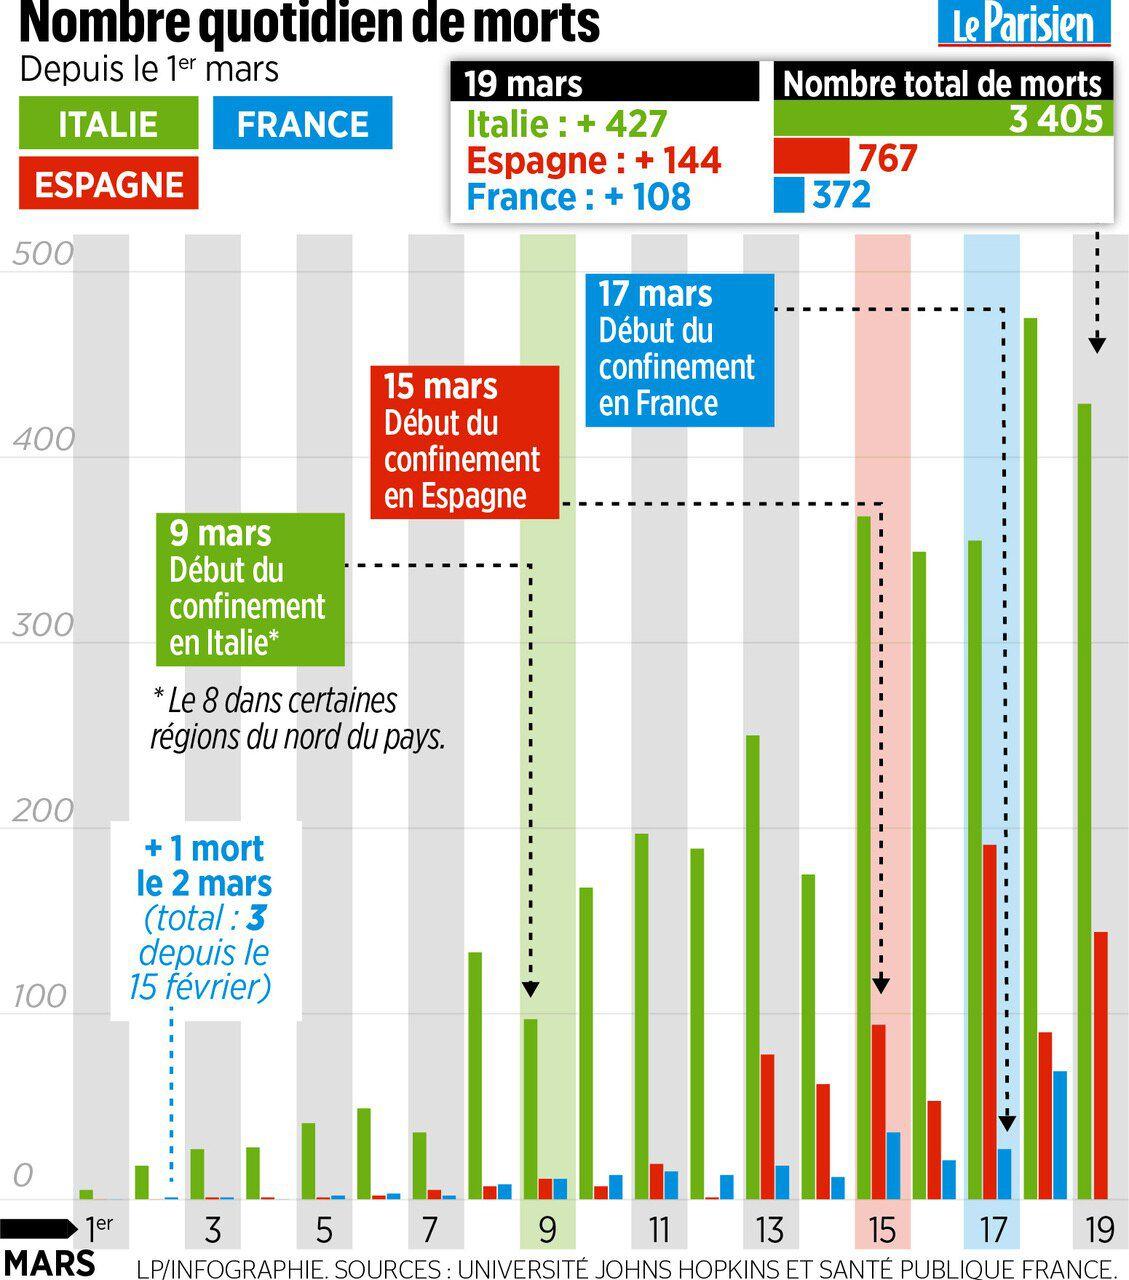 Coronavirus: 3405 morts, l'Italie dépasse la Chine en nombre de victimes. Fontana appelle Conte: a demandé l'armée